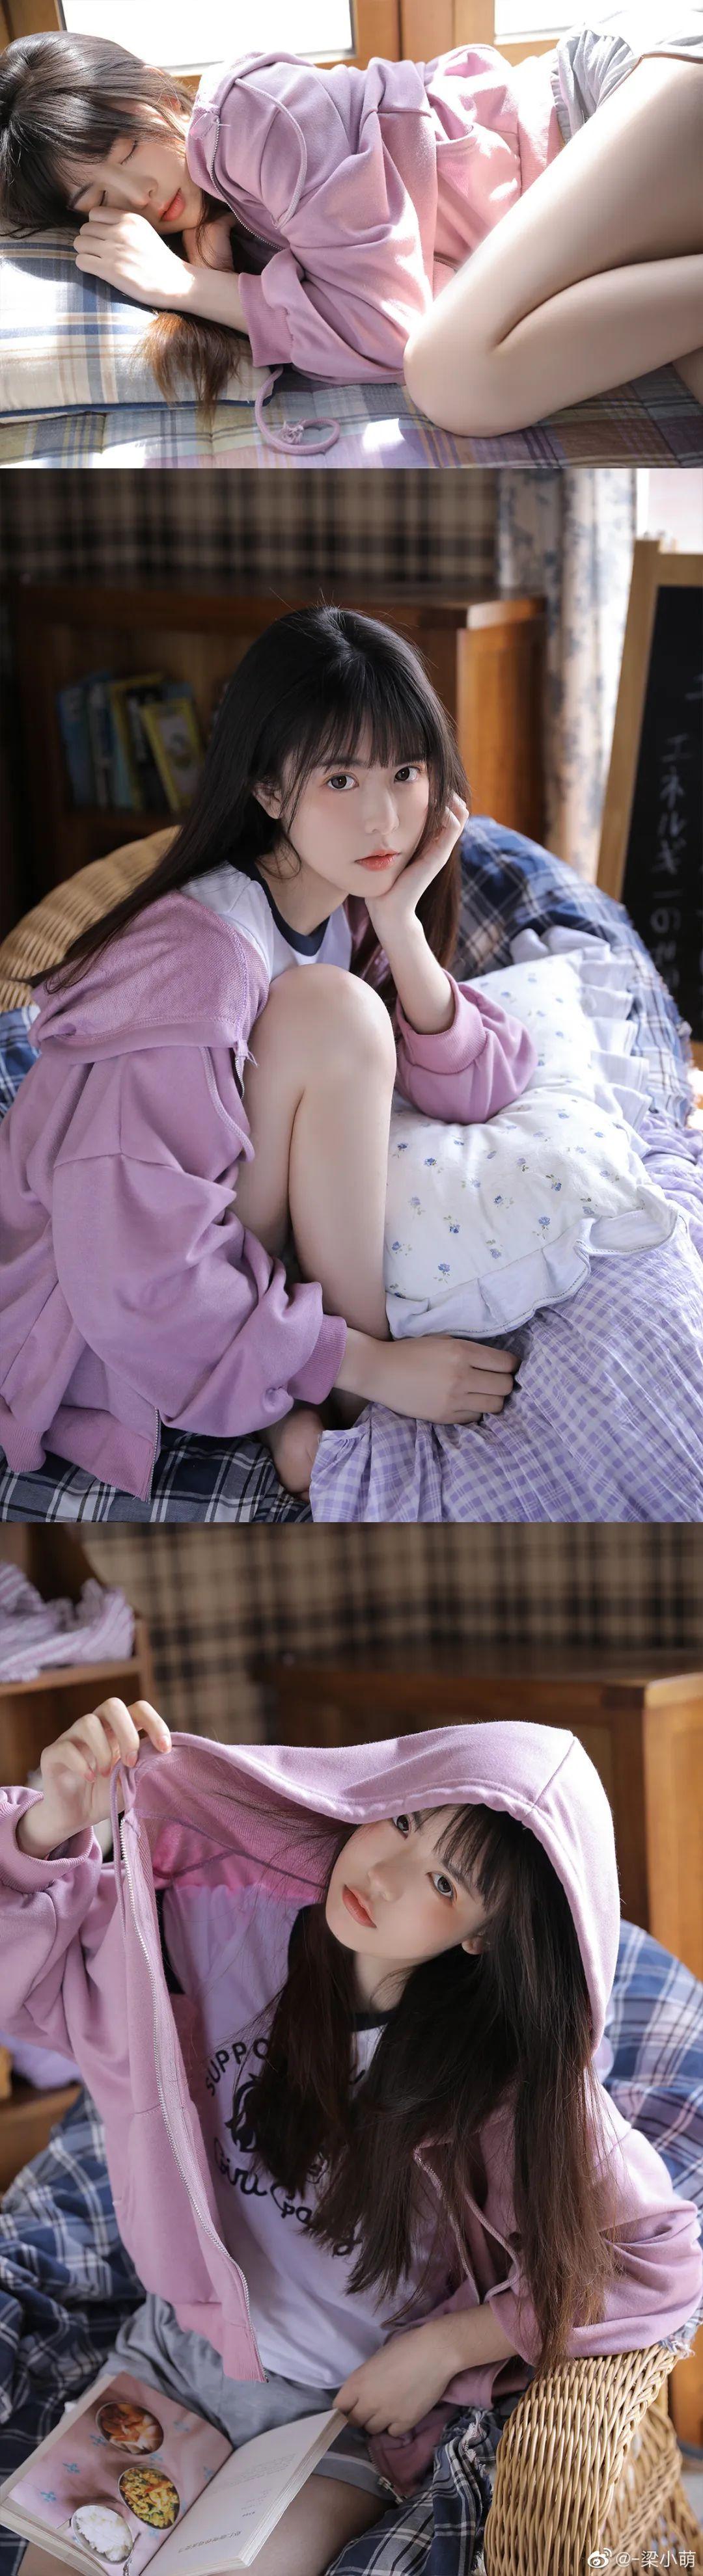 妹子摄影 – 带着娇嗔表情的丝袜美腿少女_图片 No.8